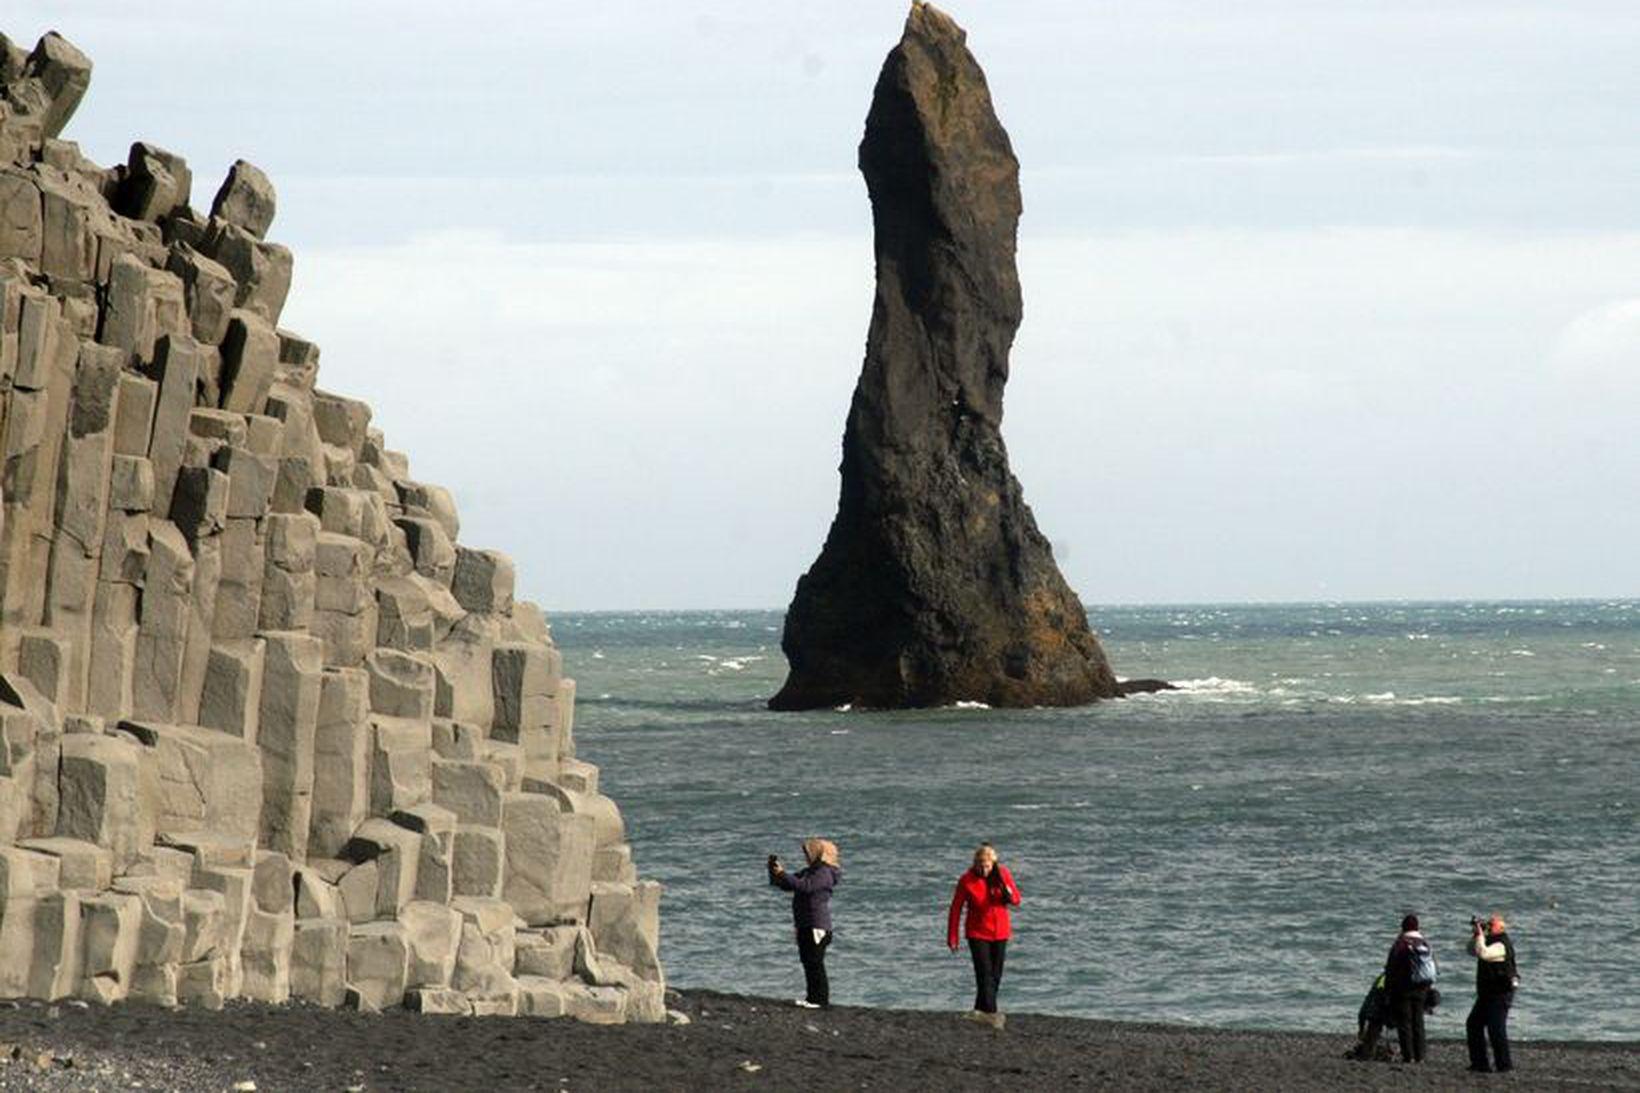 Ferðamennirnir fóru í Reynisfjöru, en áttu að vera í sóttkví.